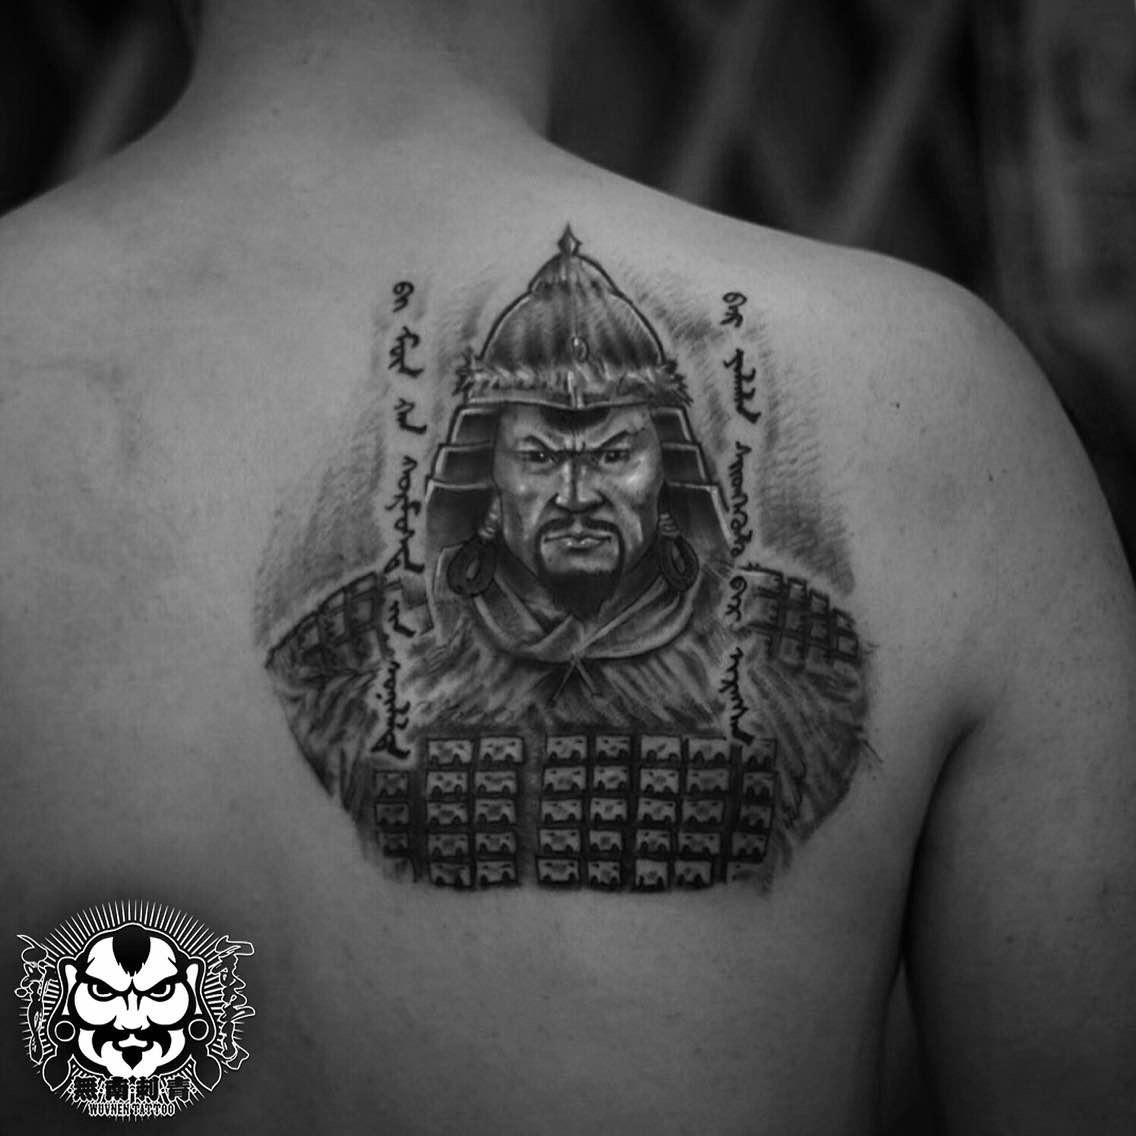 「無南icon」细数無南刺青当中出现过的蒙古人物形象 第31张 「無南icon」细数無南刺青当中出现过的蒙古人物形象 蒙古画廊